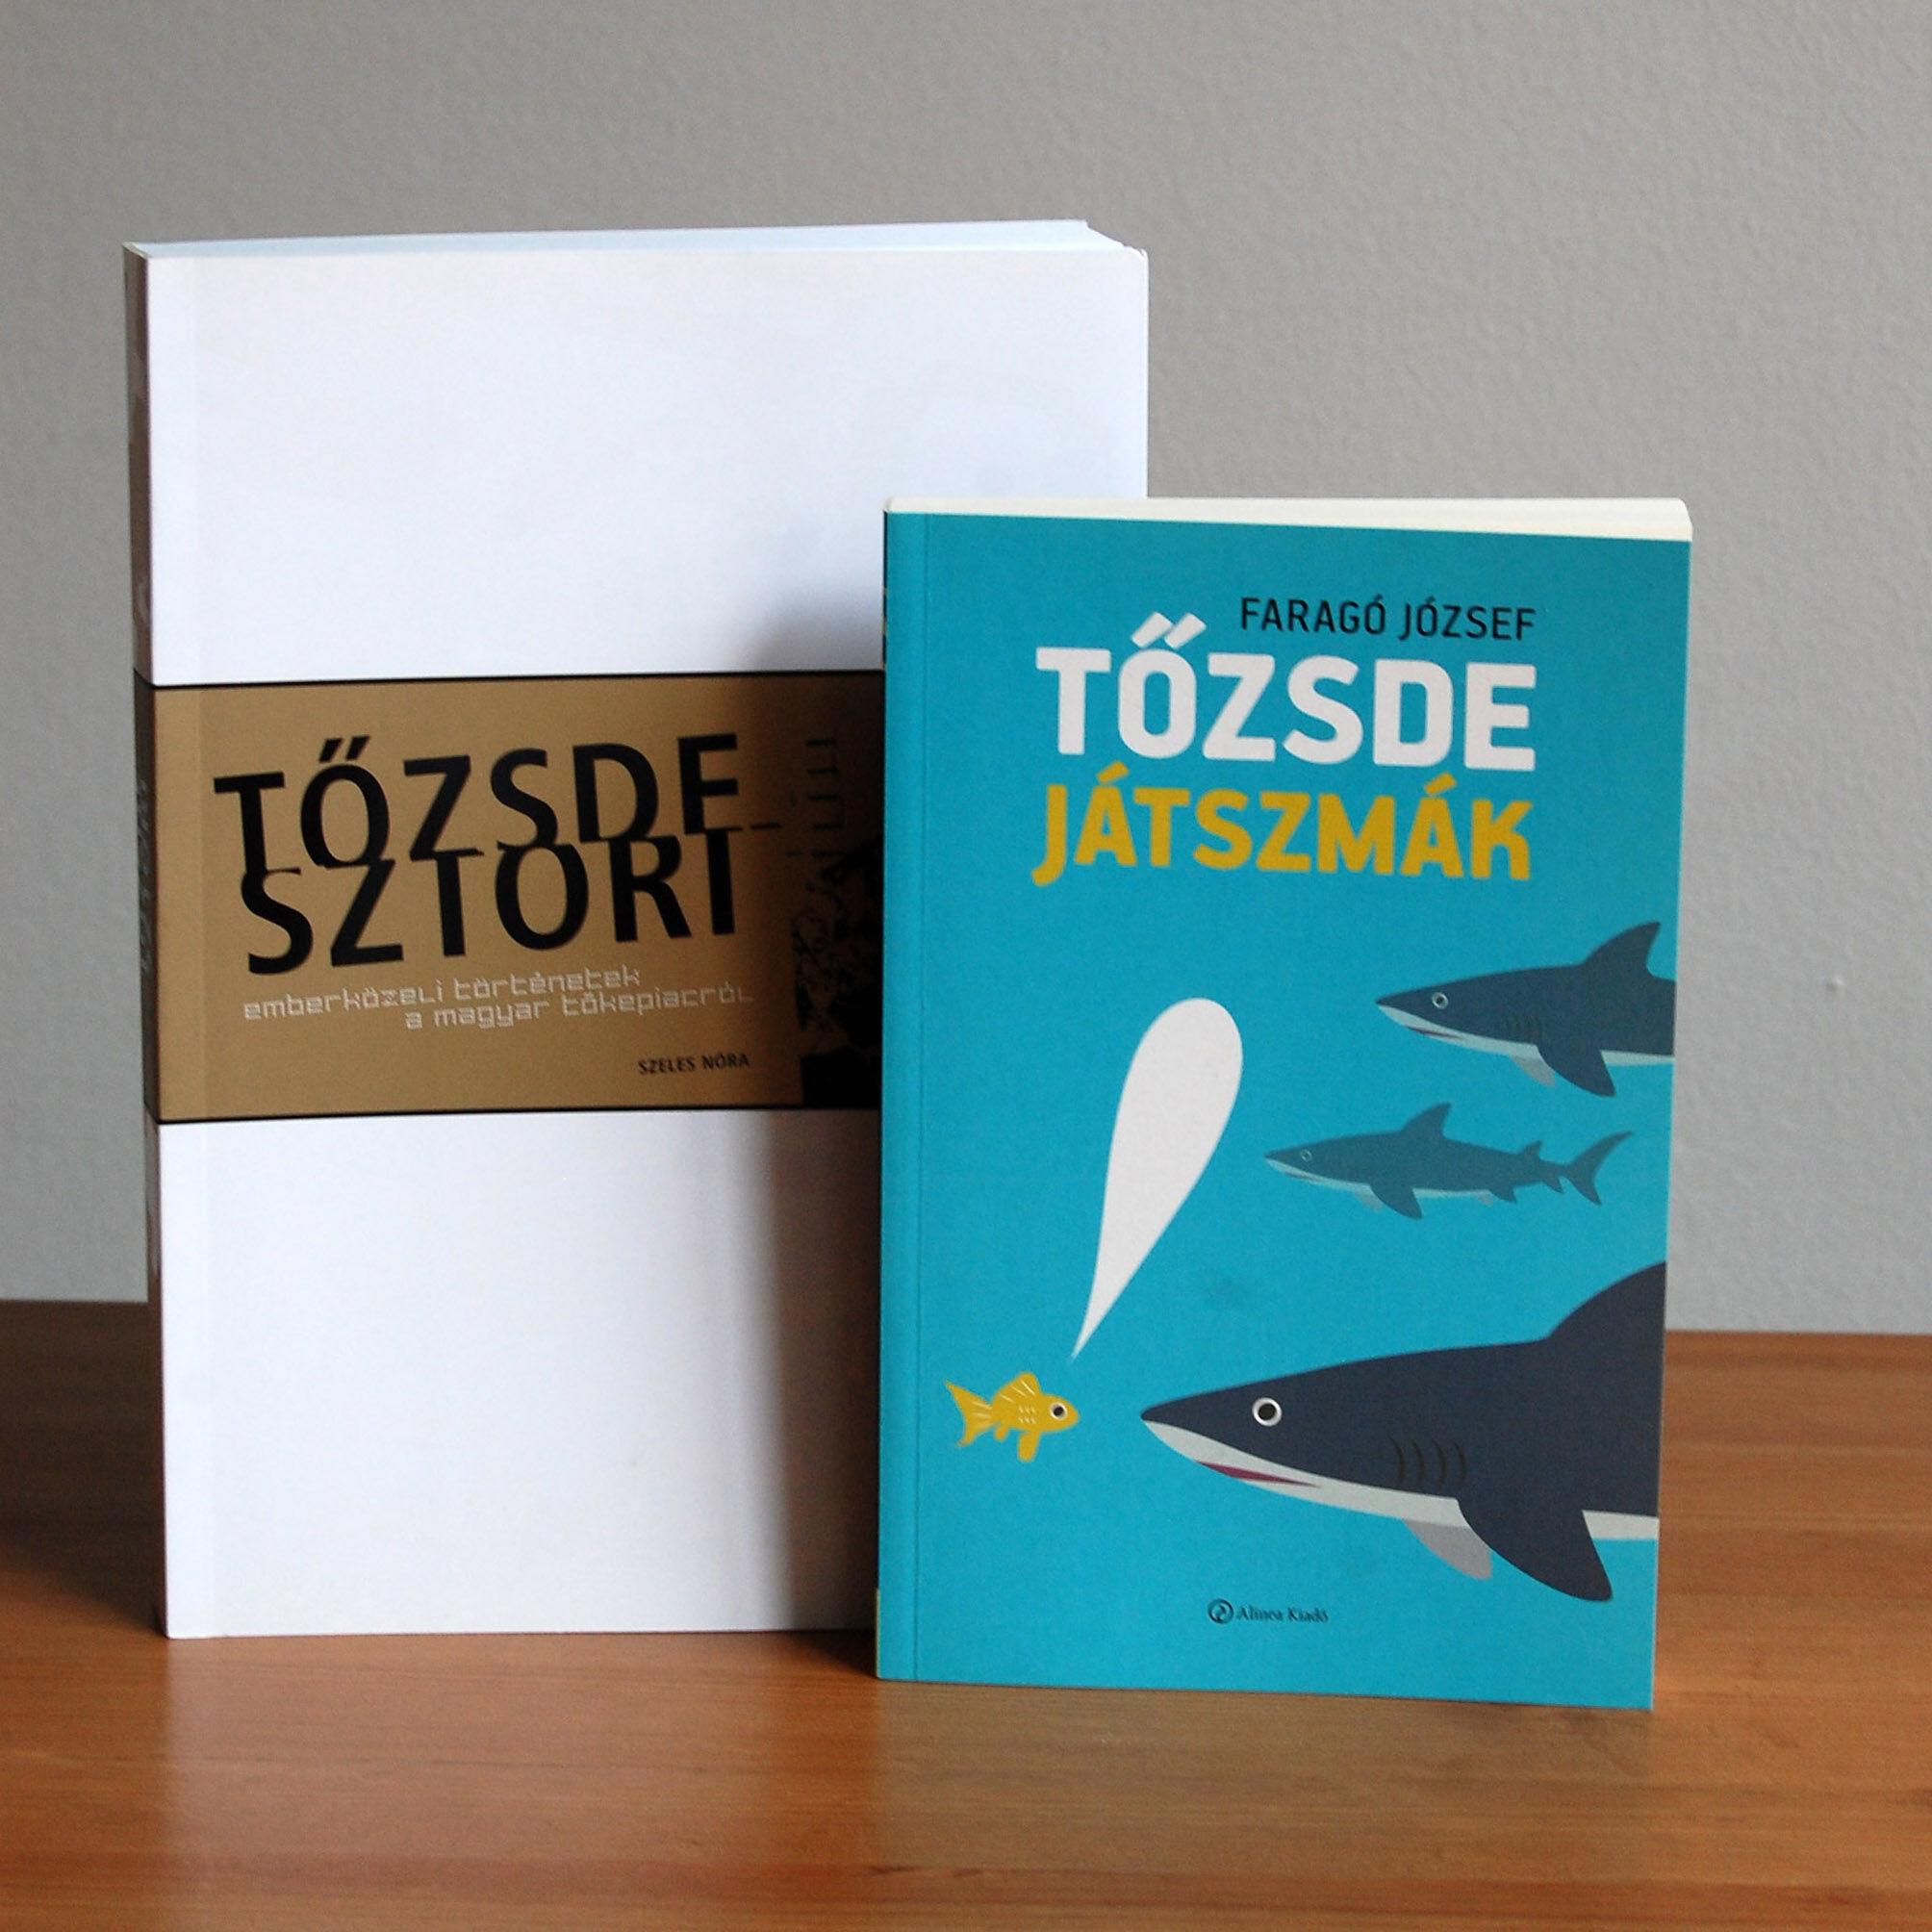 magyar tőzsde könyv, tőzsdesztori, tőzsdejátszmák könyv